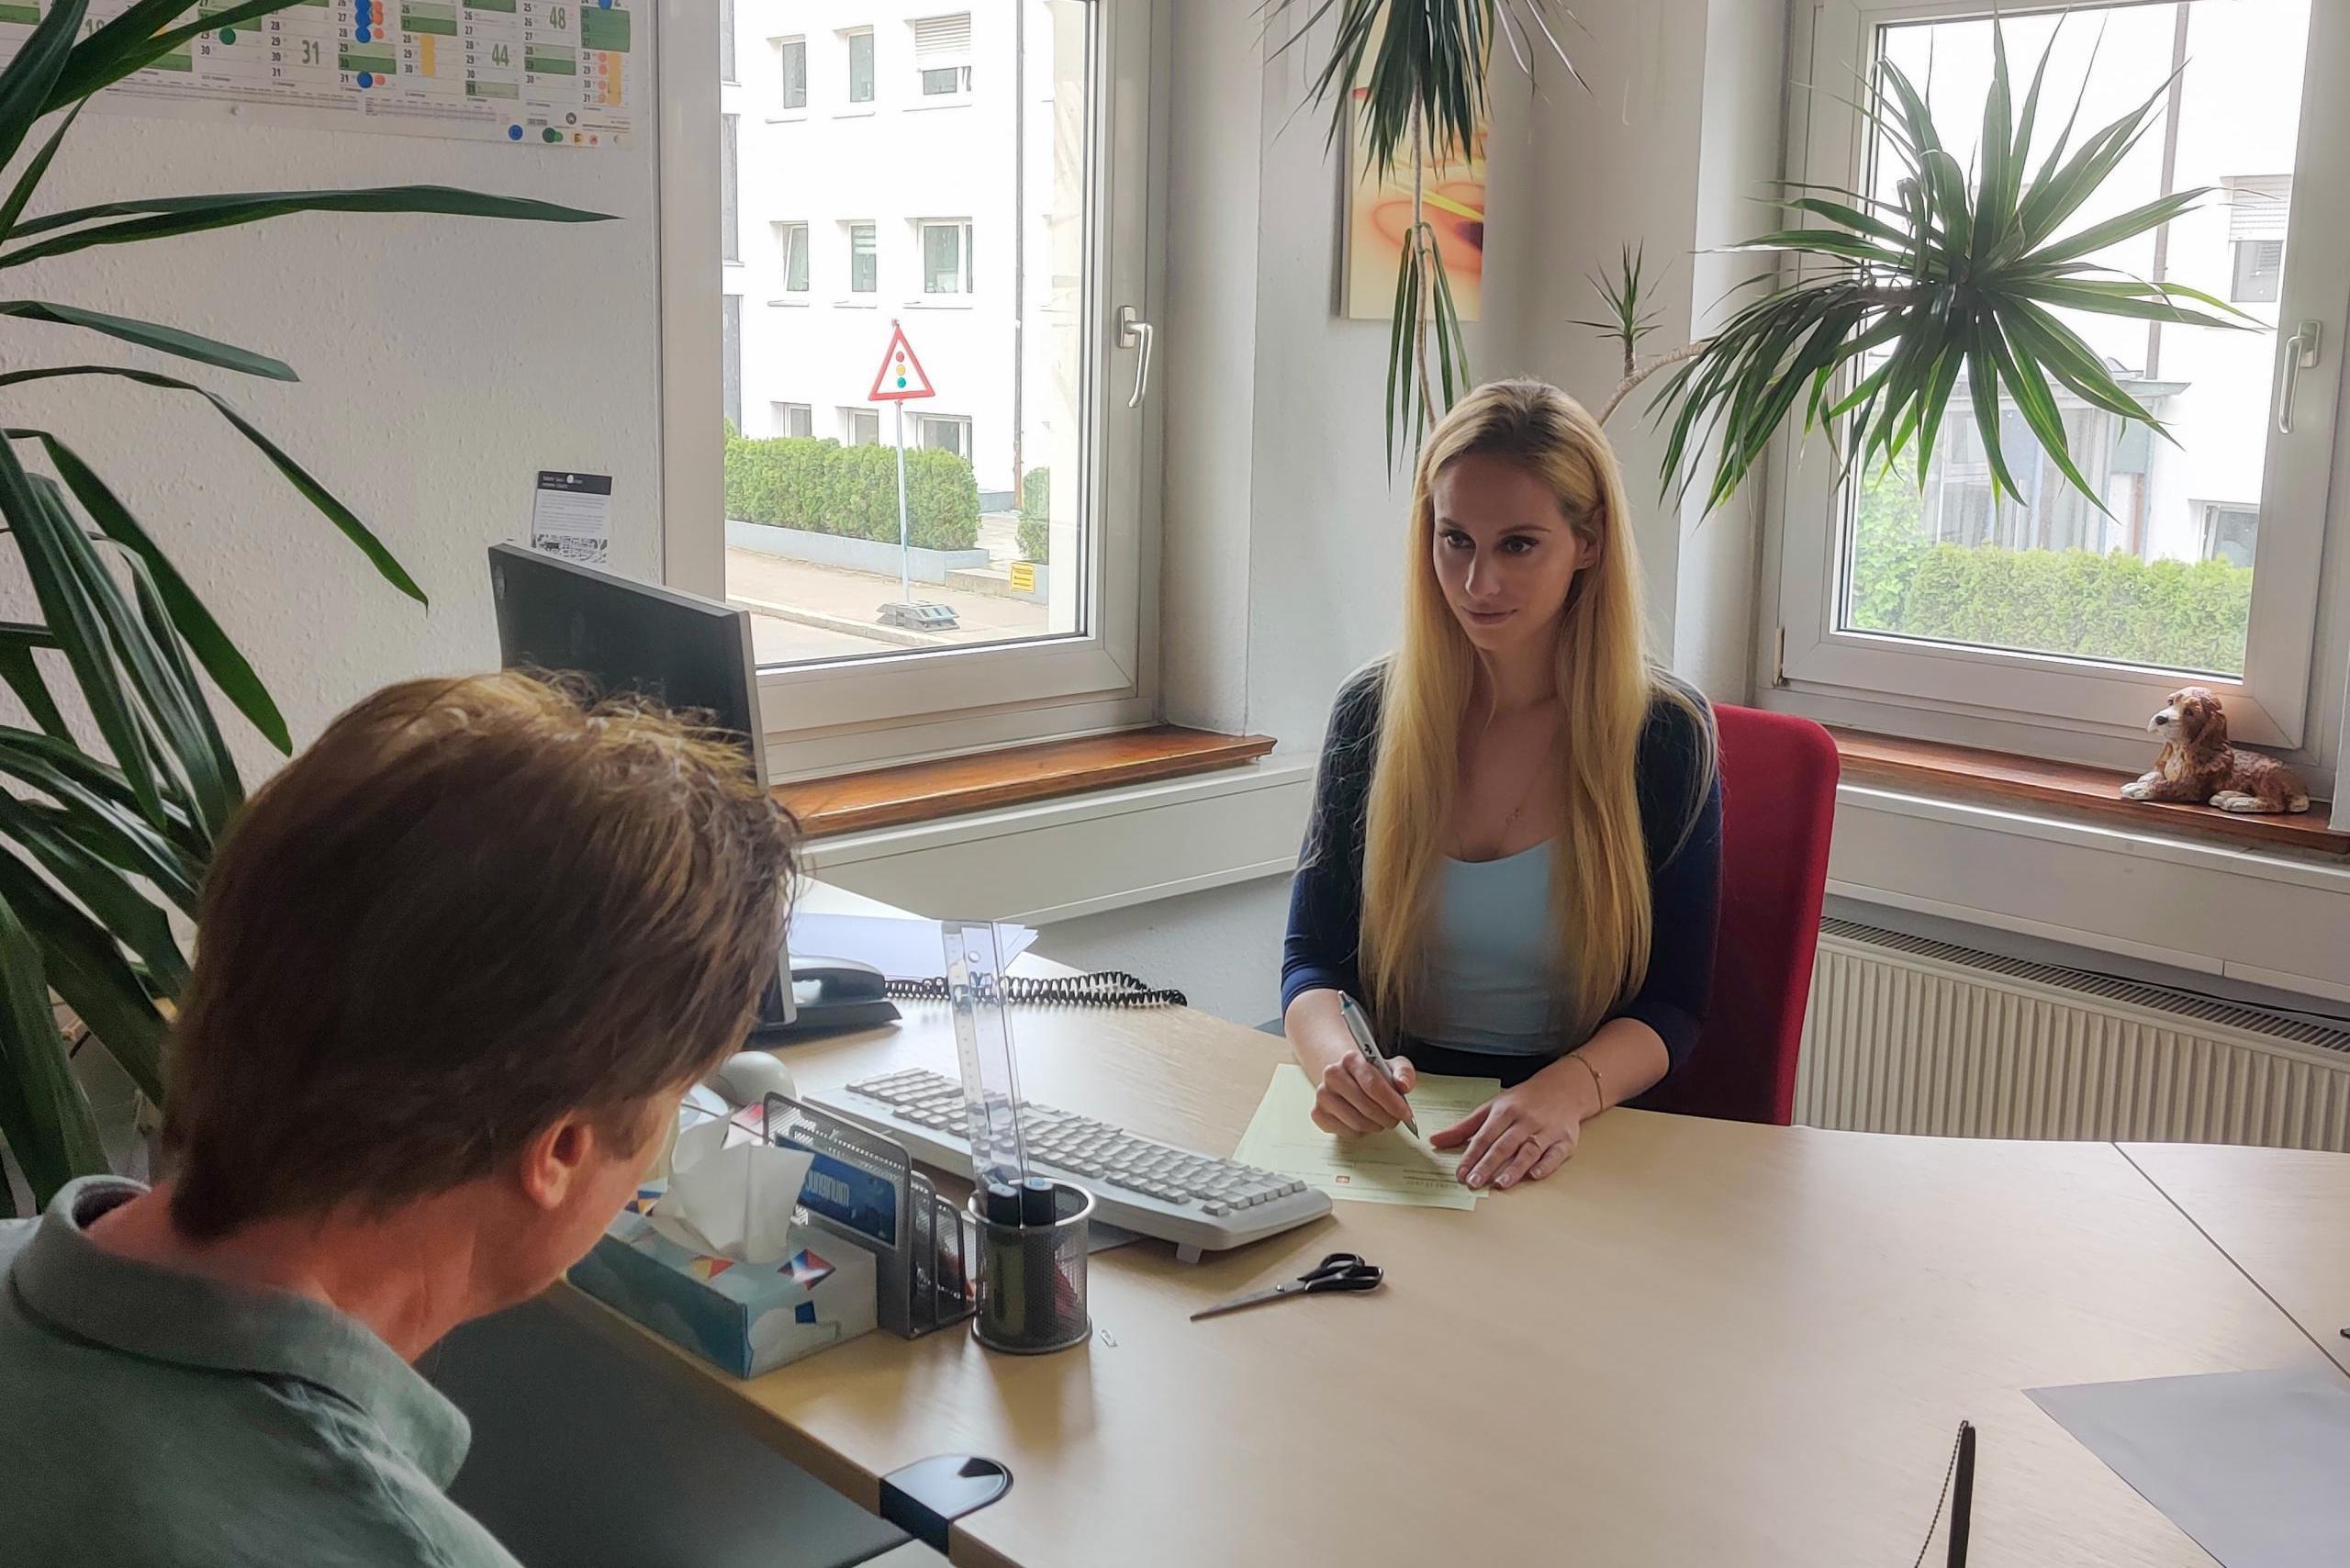 Sozialarbeiterin hinter Schreibtisch, im Bildvordergrund Person, die sich beraten lässt